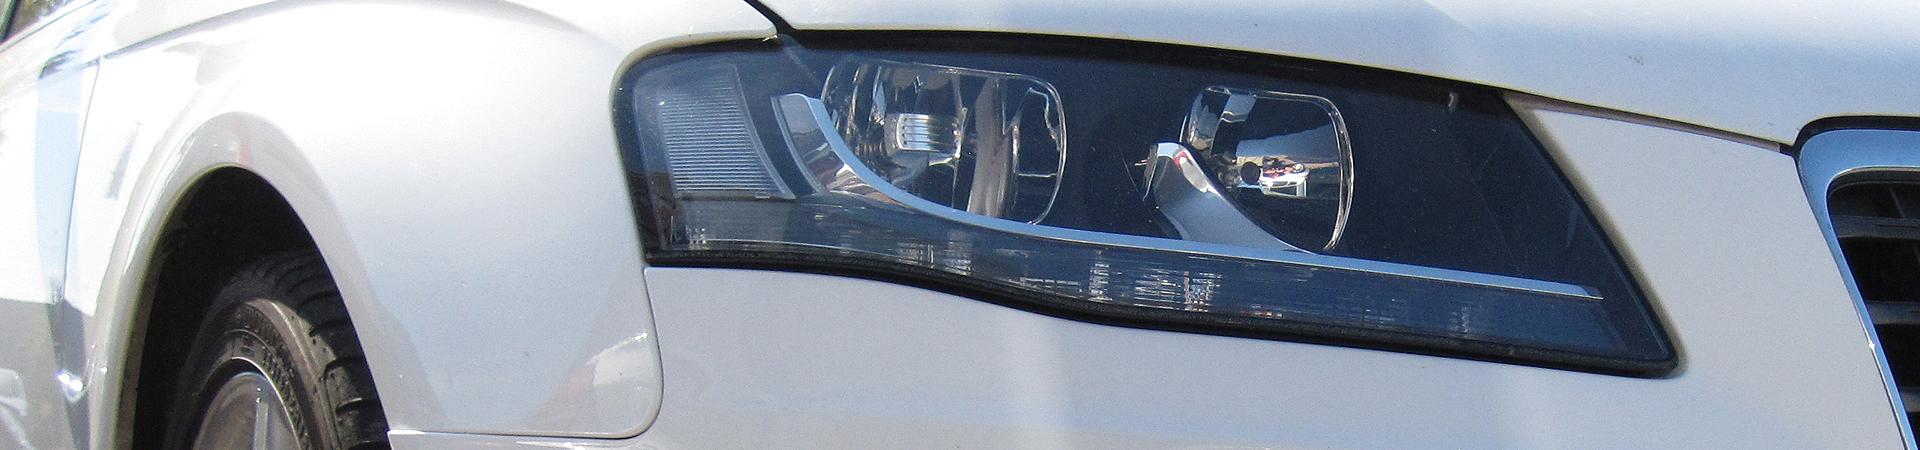 Mit Spot-Repair beheben wir kleine Schäden an Ihrem Fahrzeug.